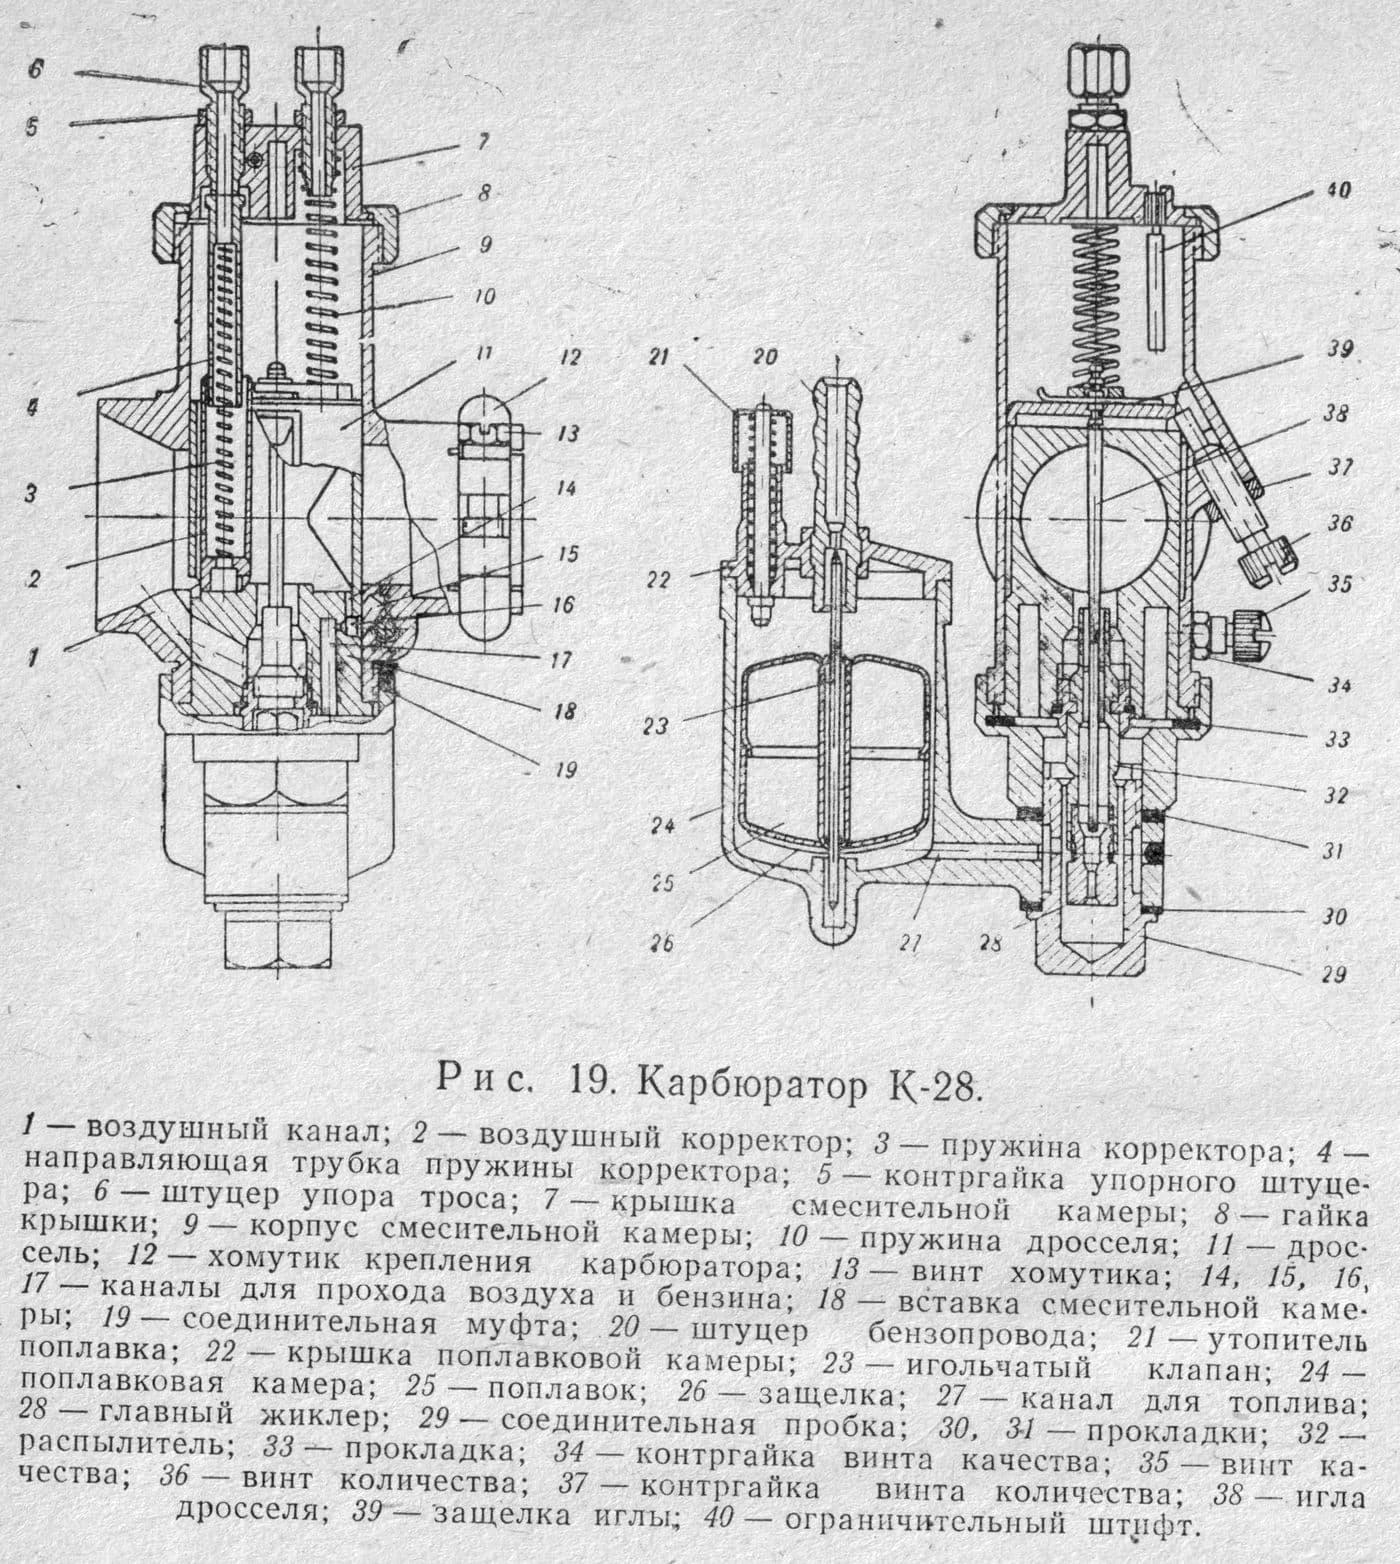 Мотоциклетный карбюратор К-28 (ИЖ)